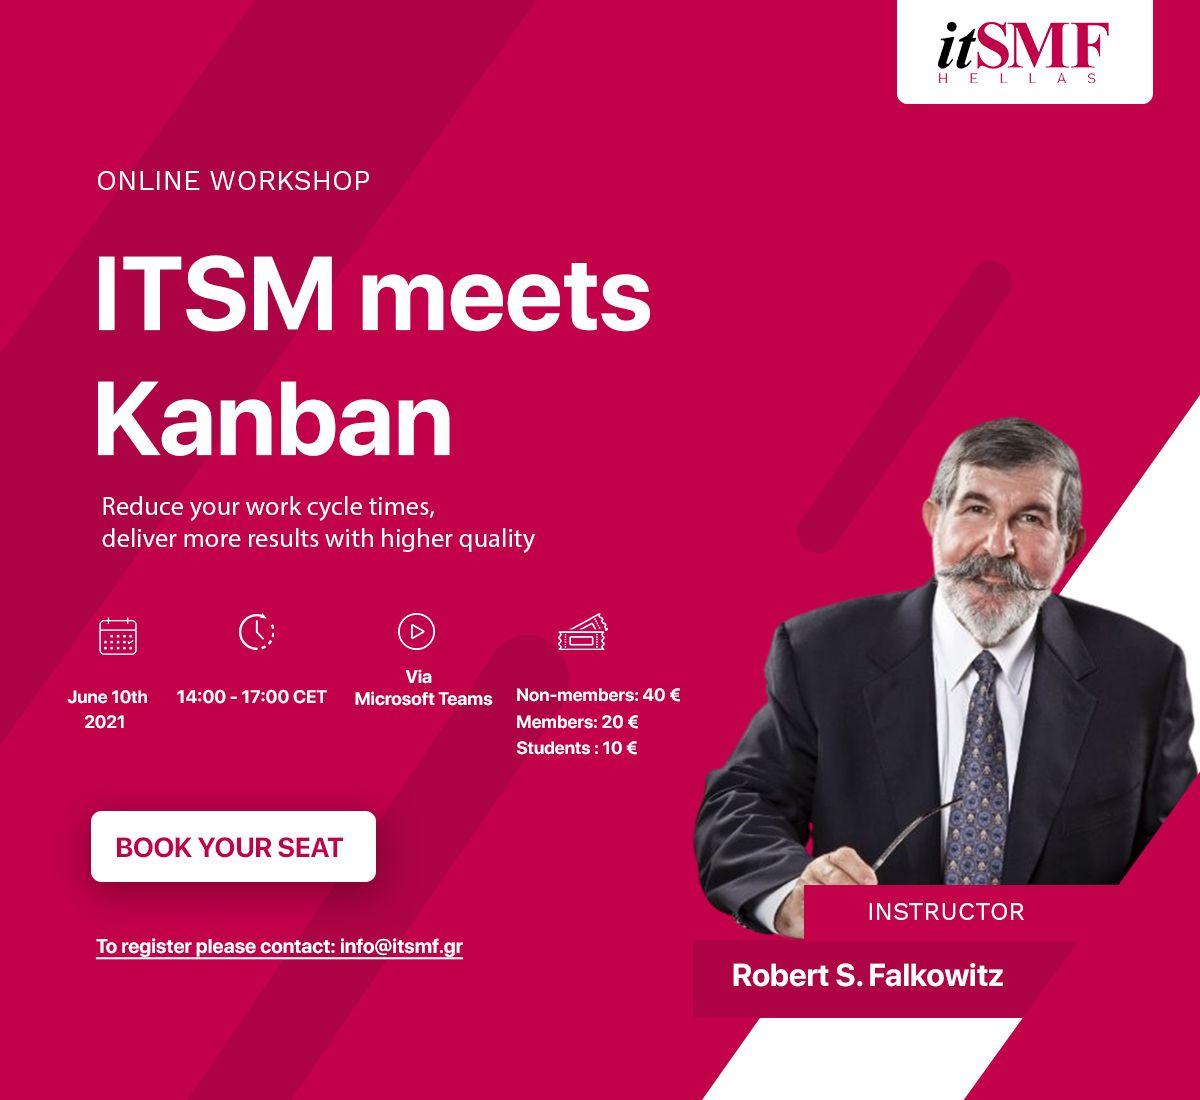 ITSM Meets Kanban